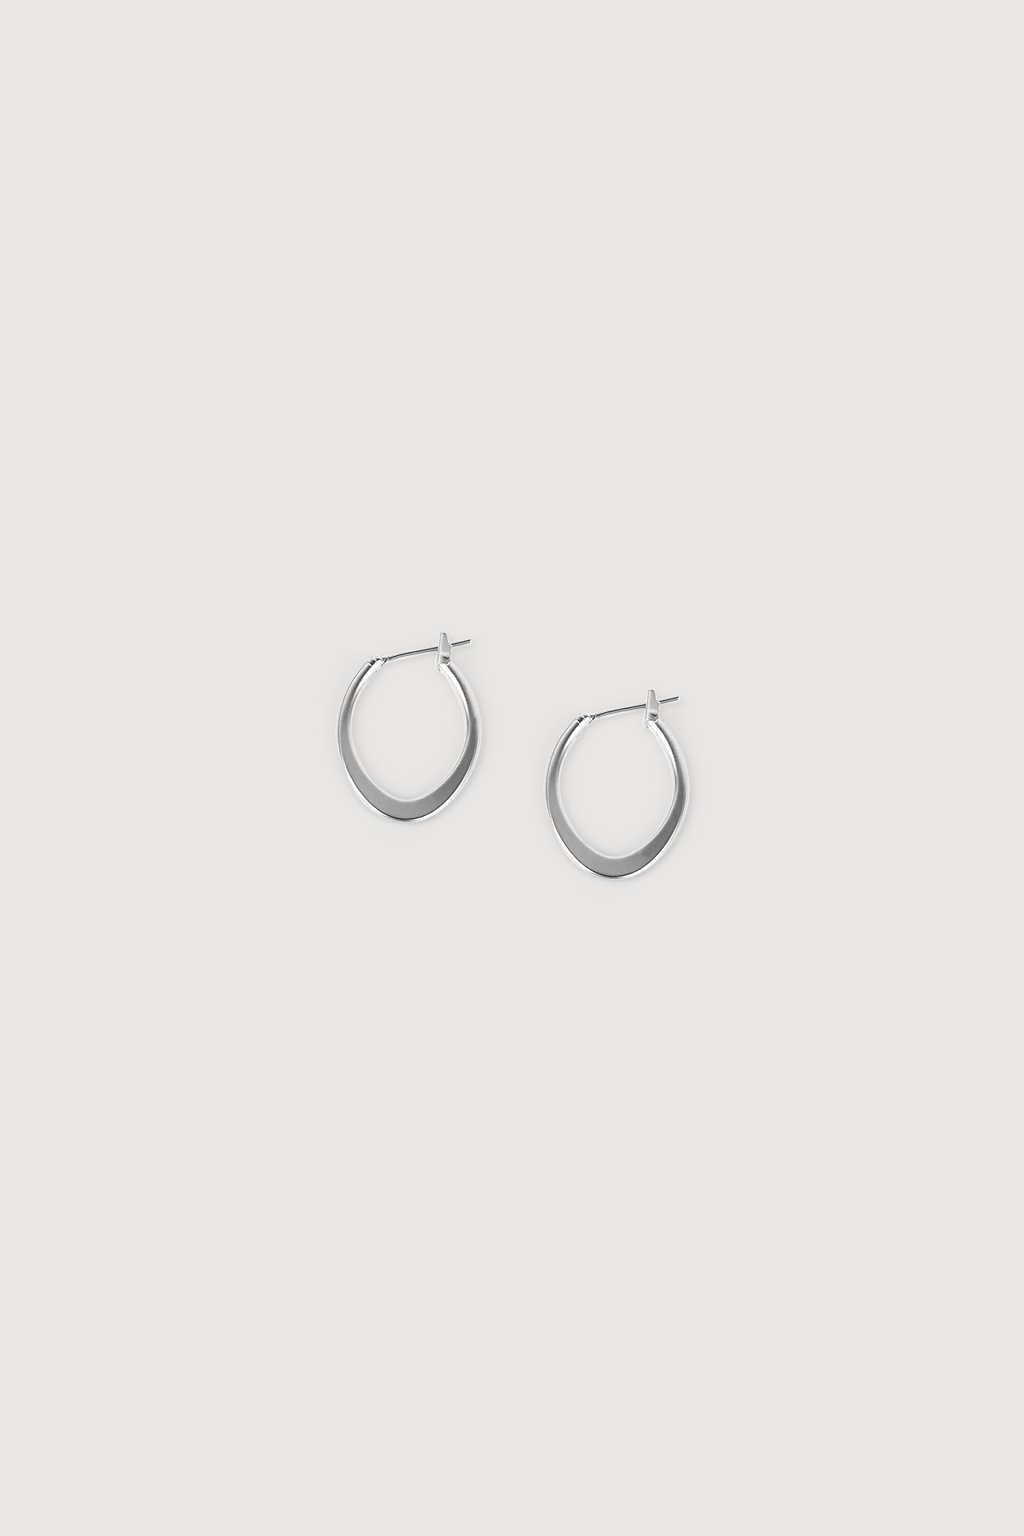 Earring H252 Silver 2